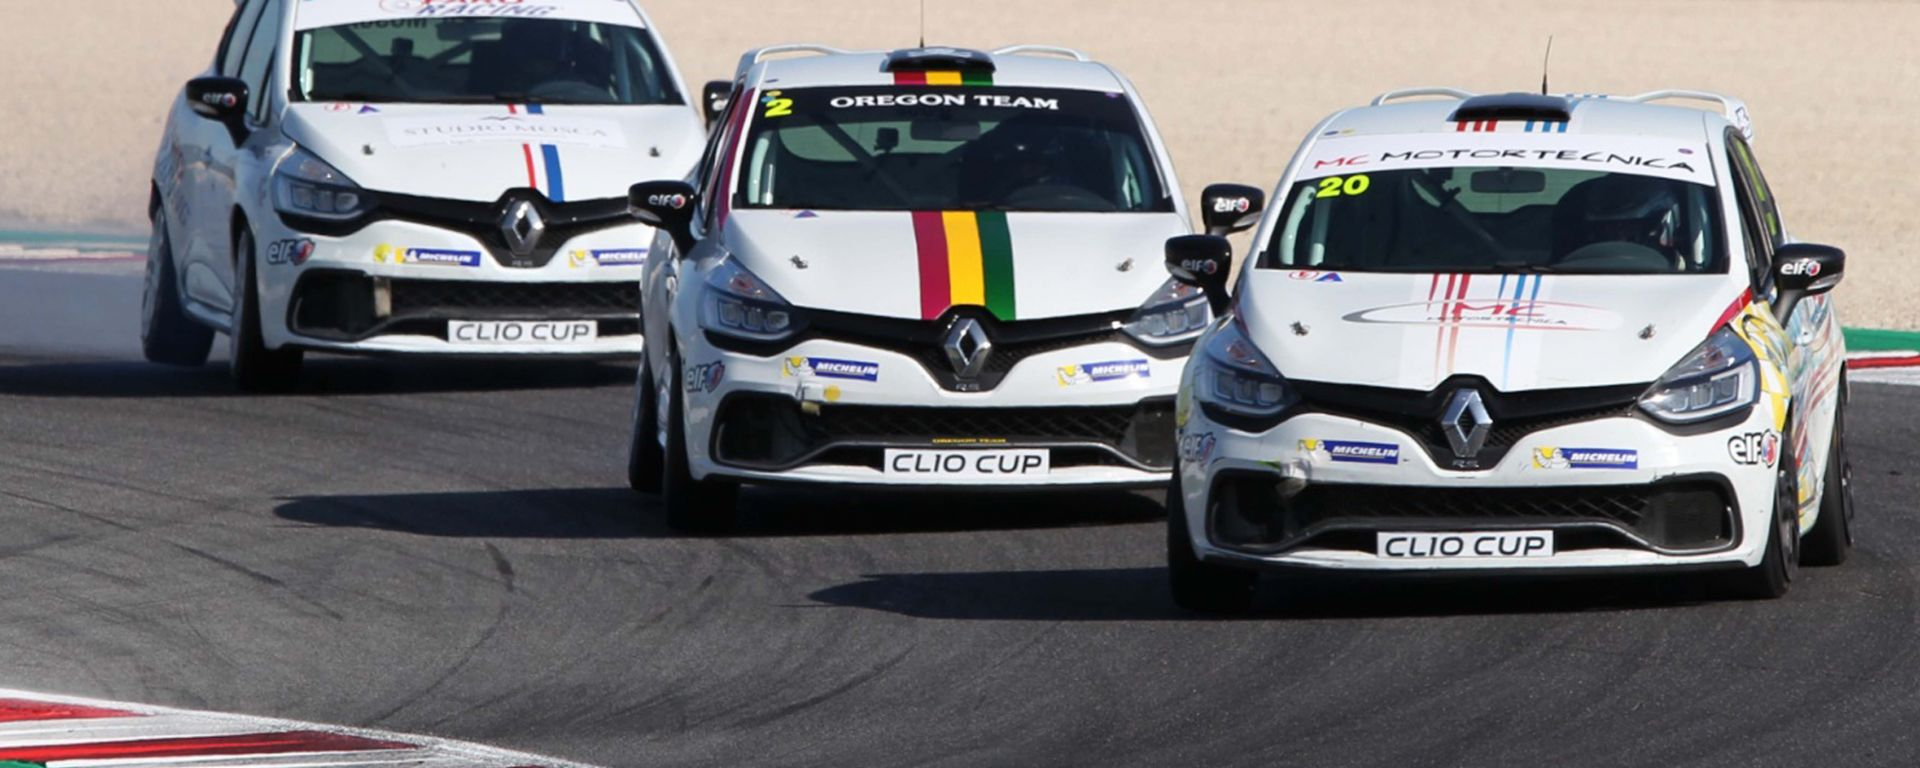 Clio Cup Italia 2019, a Vallelunga si corre il round 5 del monomarca di casa Renault